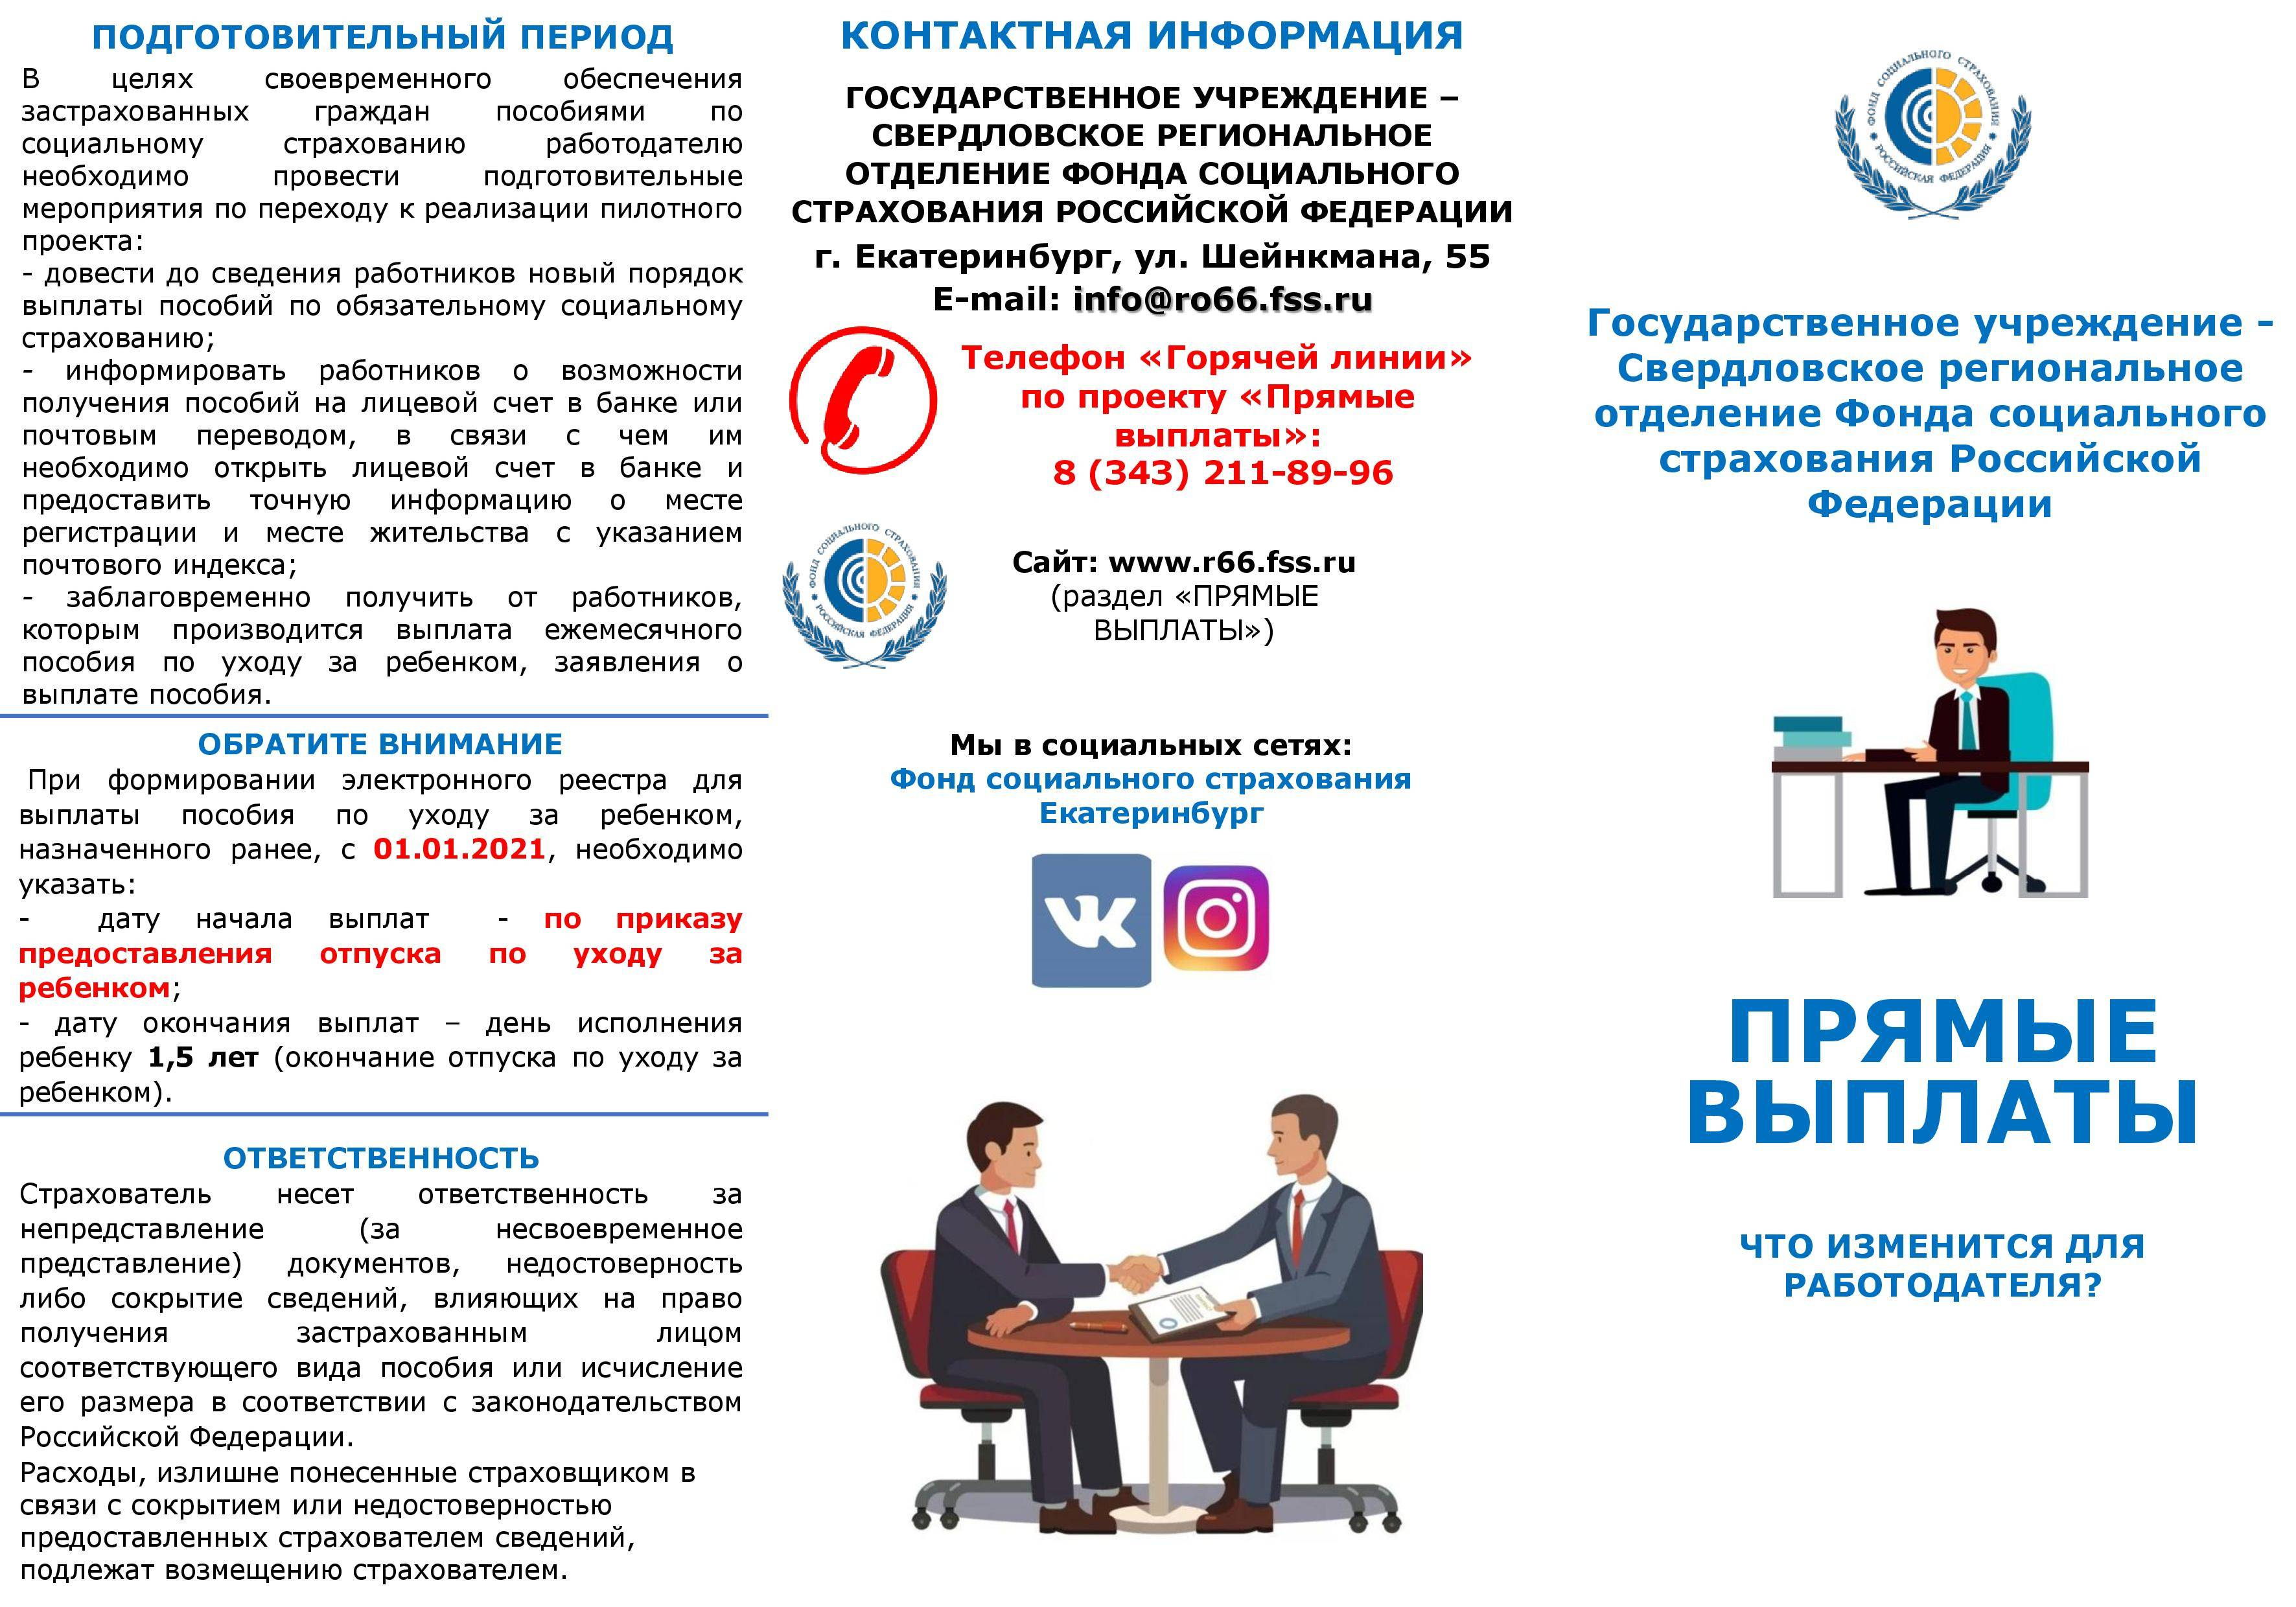 Русские школы в турции: преимущества, особенности и стоимость обучения